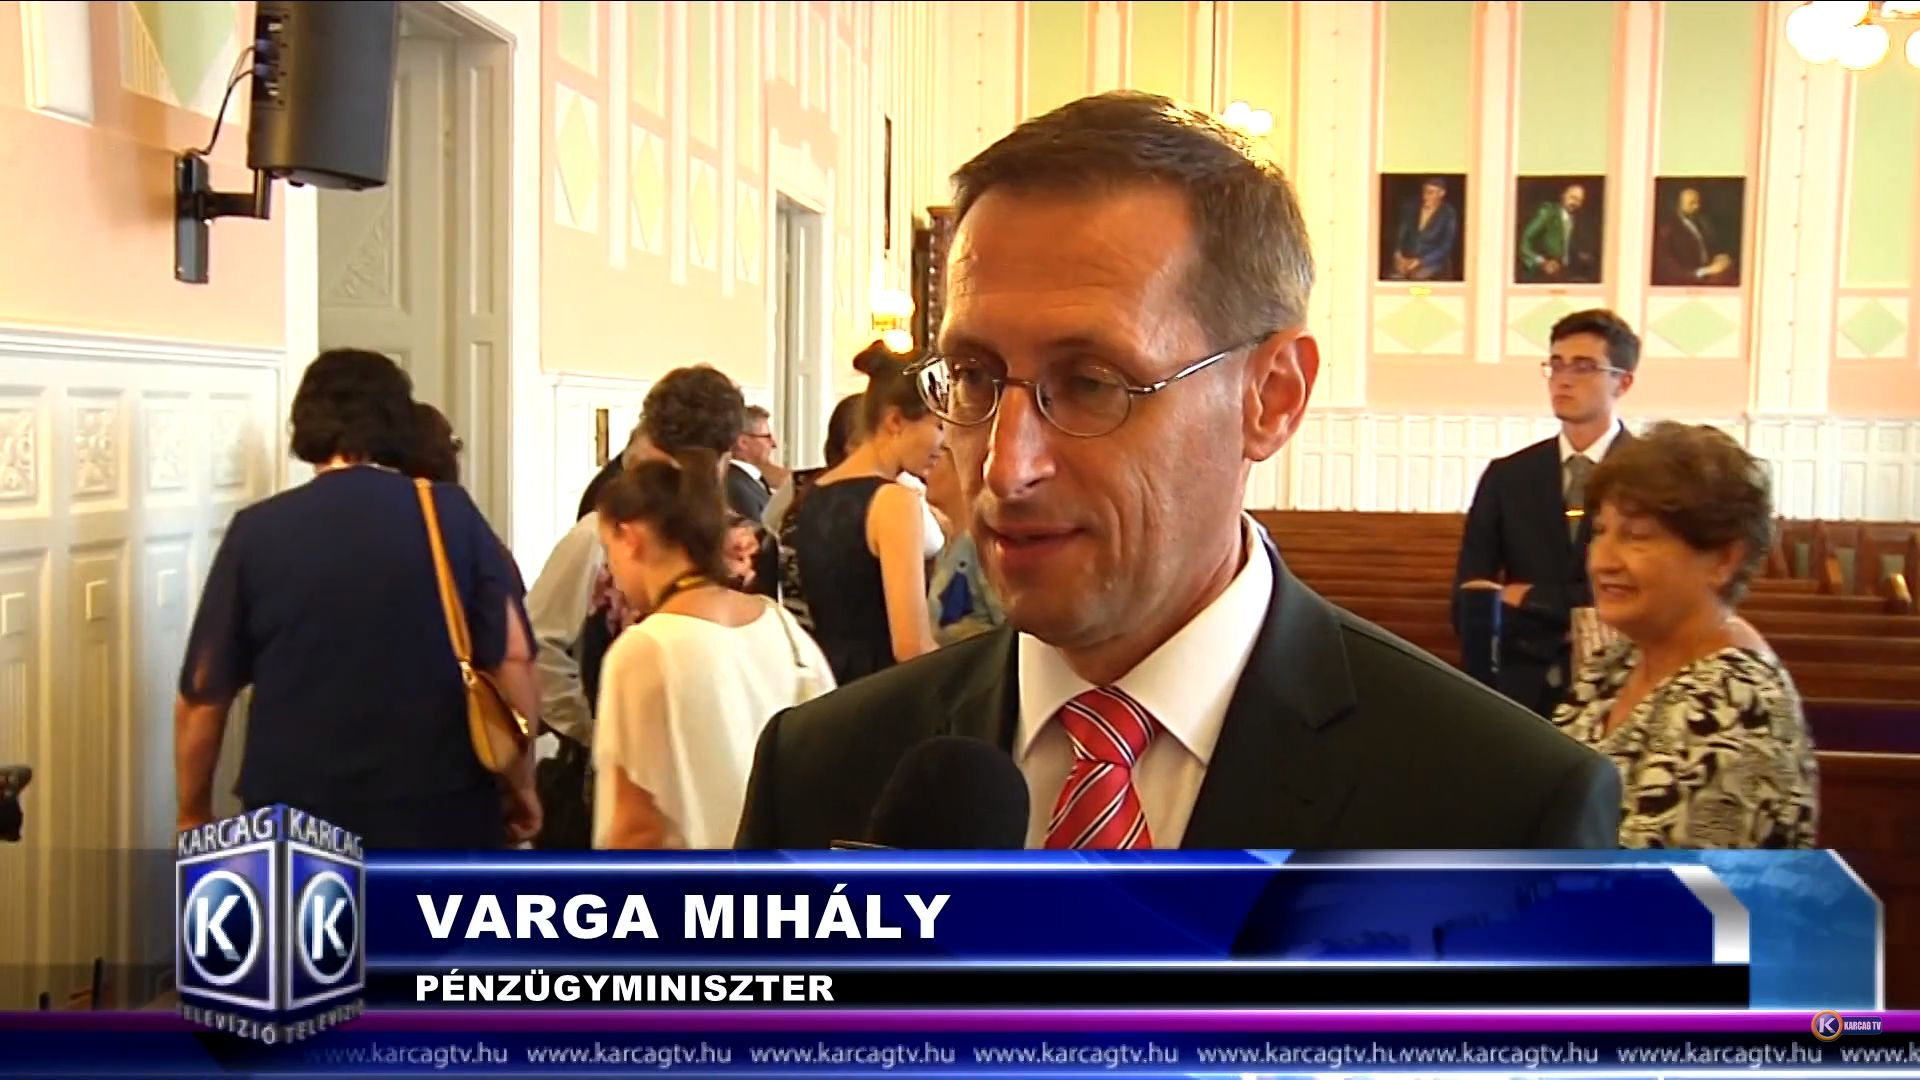 """Varga miniszter """"igazi jó karcagi menyecskének"""" nevezi a feleségét, de ez a videó nem ettől zseniális"""